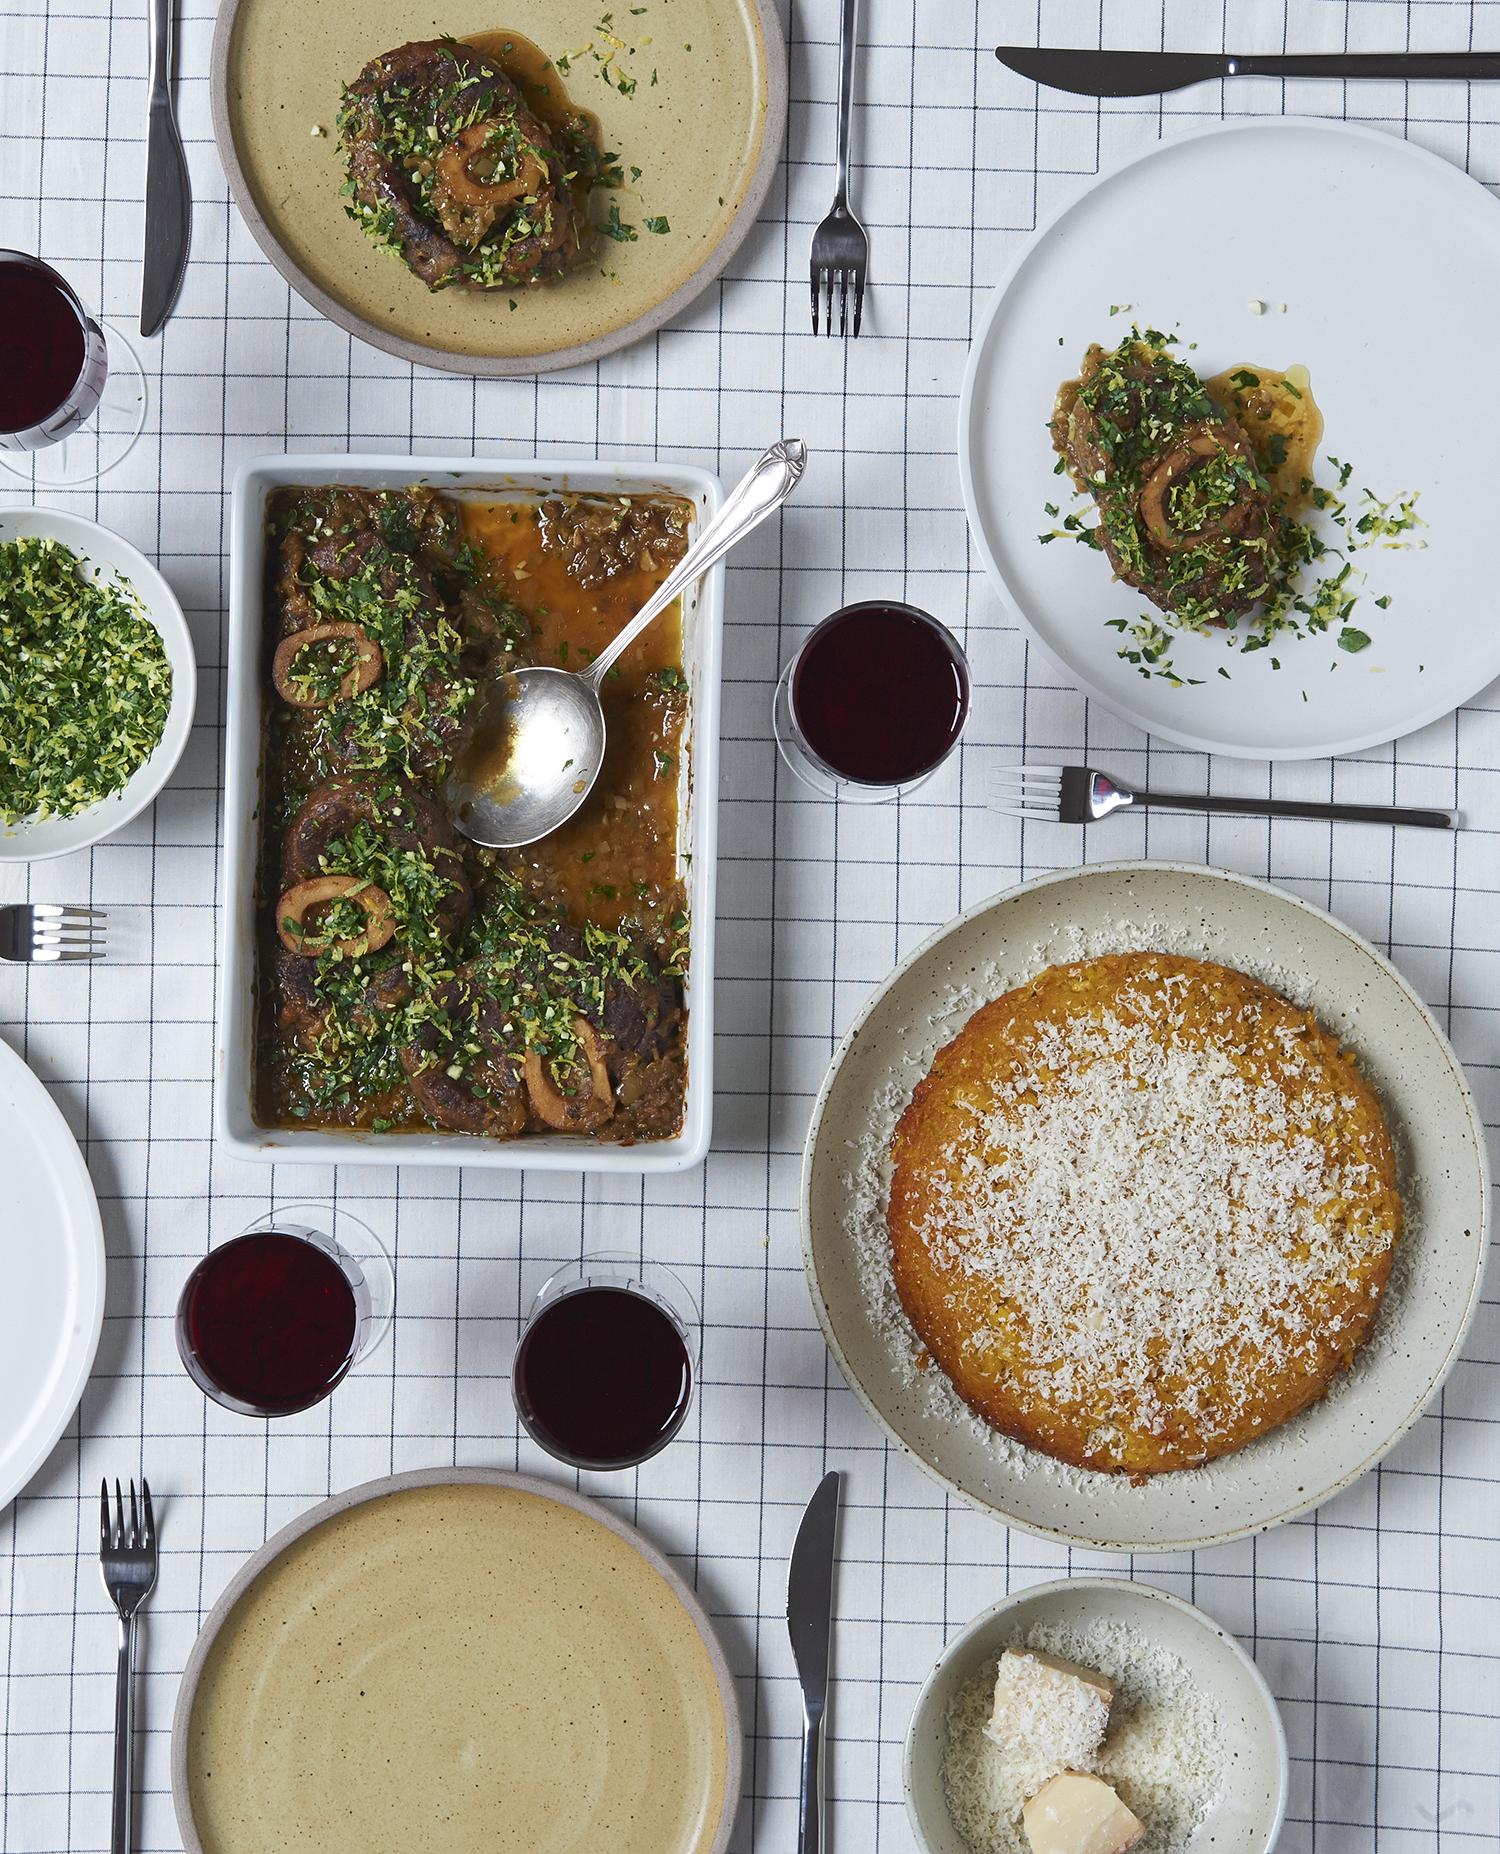 oliver_rowe_guardian_cook_feasting8_26.01.16_web.jpg